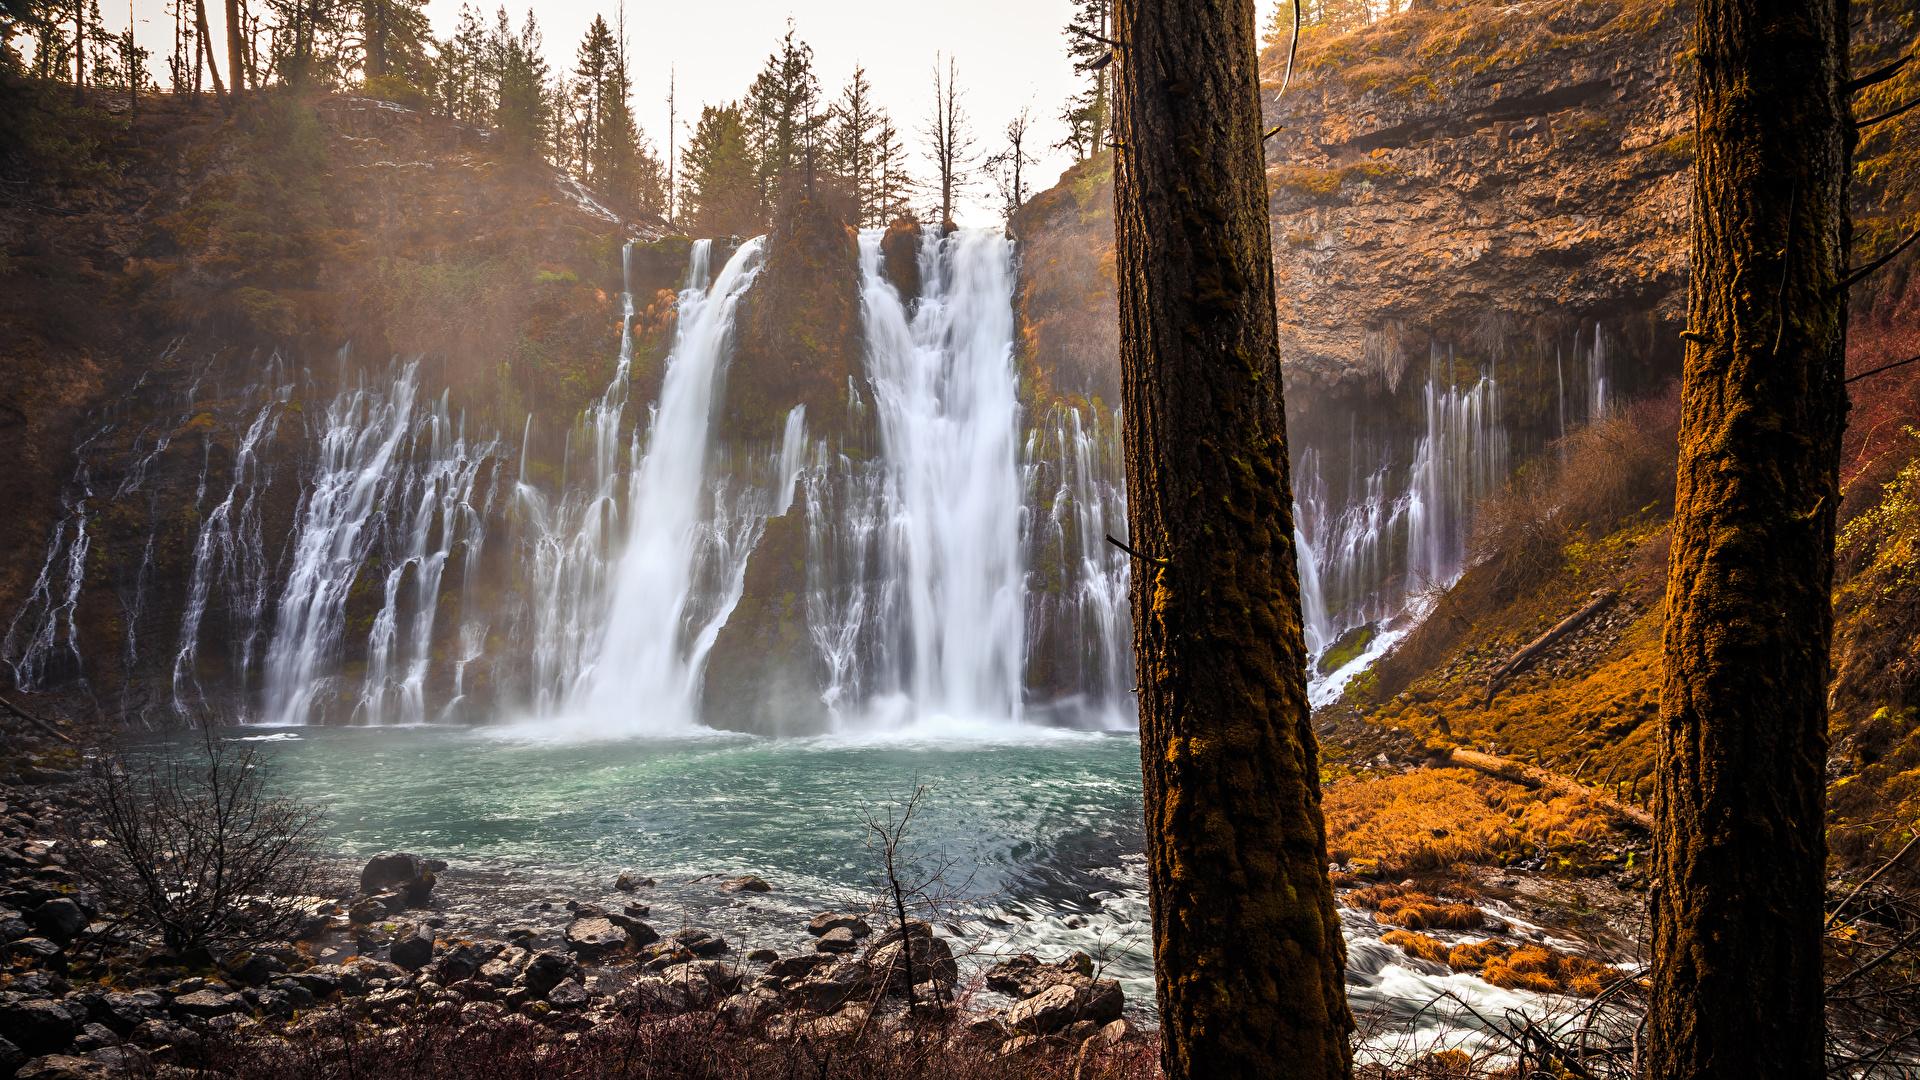 Картинки калифорнии штаты McArthur-Burney Falls Memorial State Park Скала Осень Природа Водопады Ствол дерева 1920x1080 Калифорния США Утес скалы скале осенние